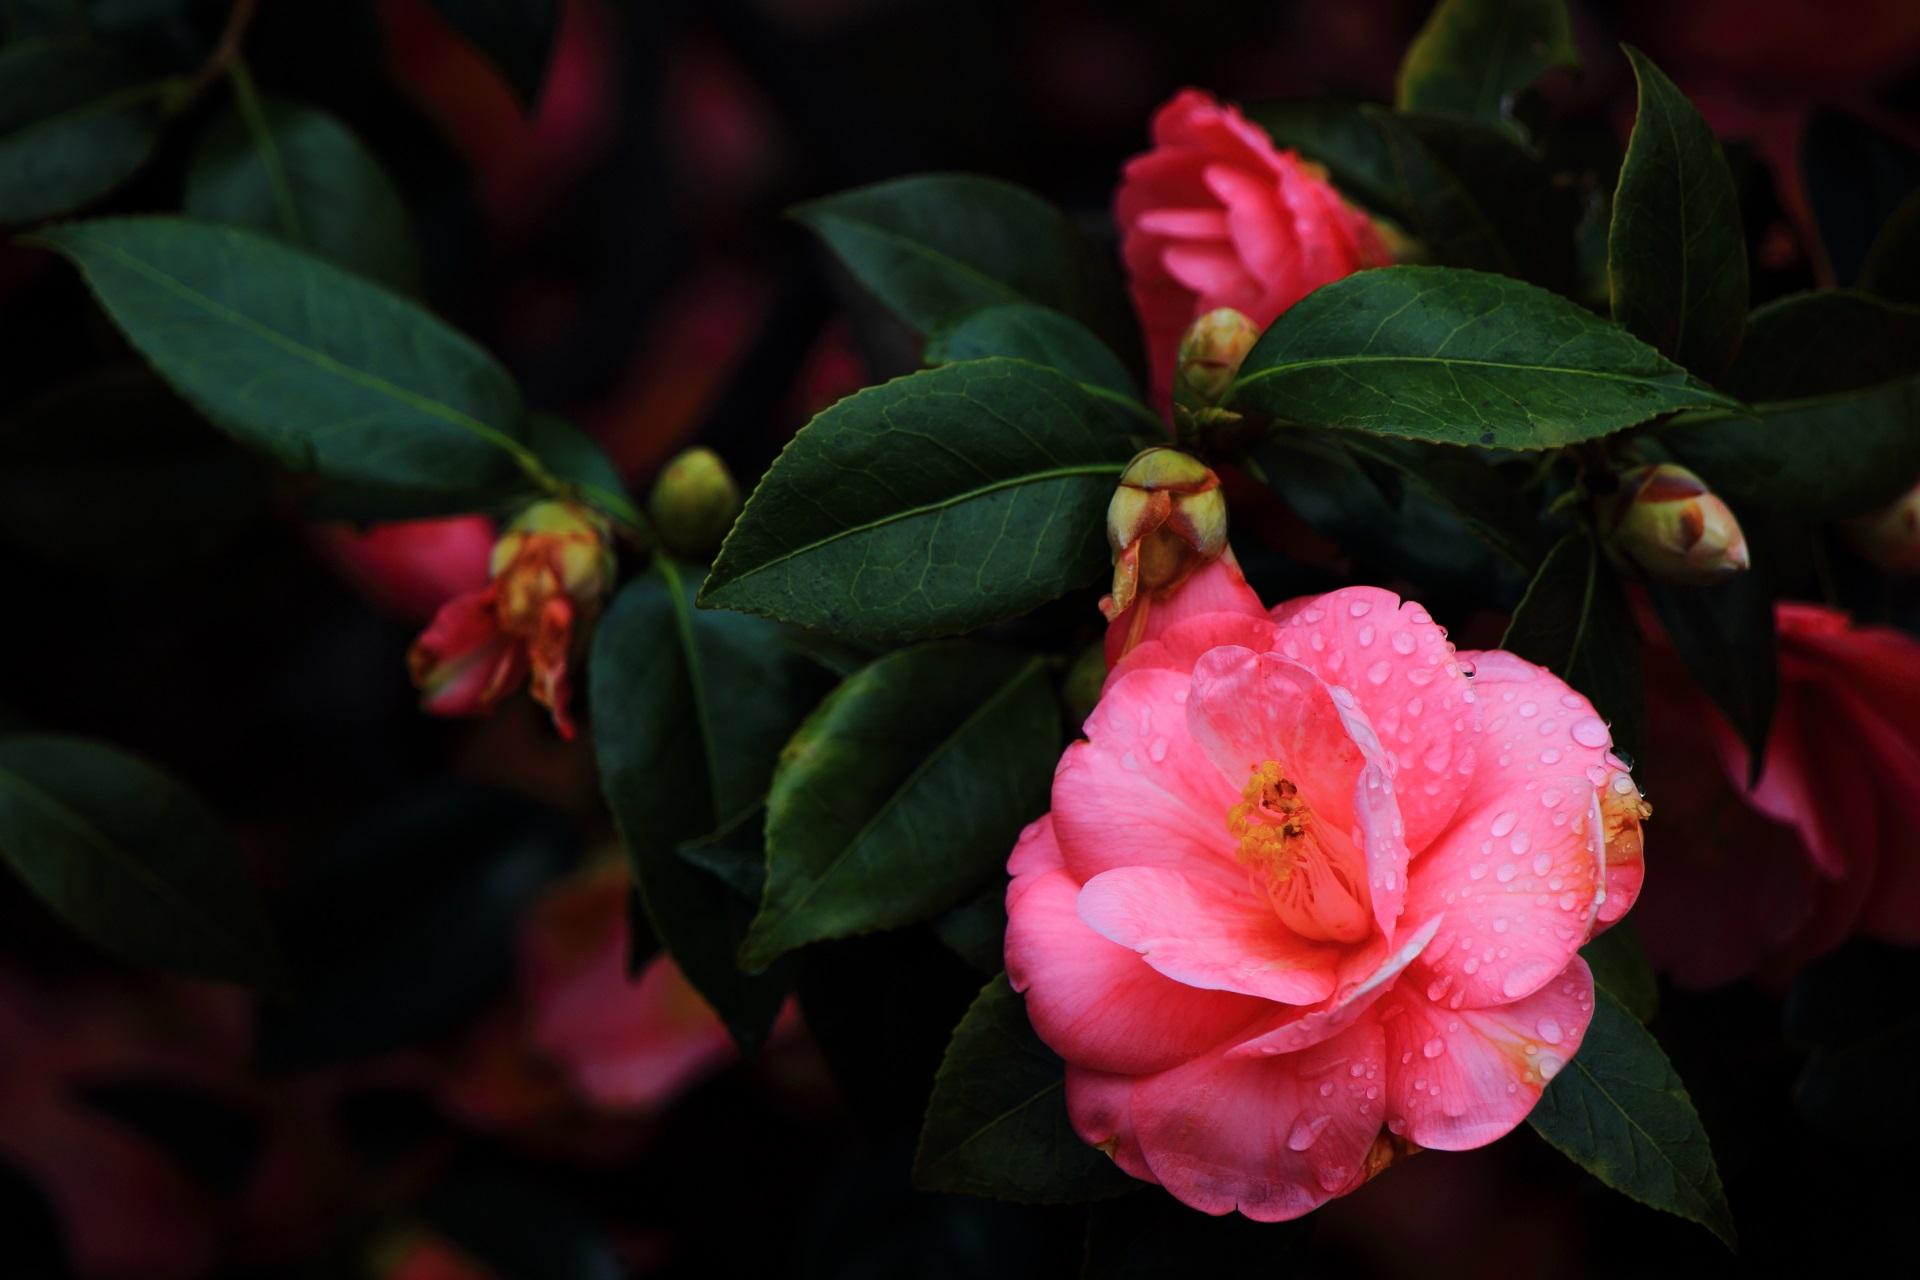 雨に濡れてしっとりした椿の花